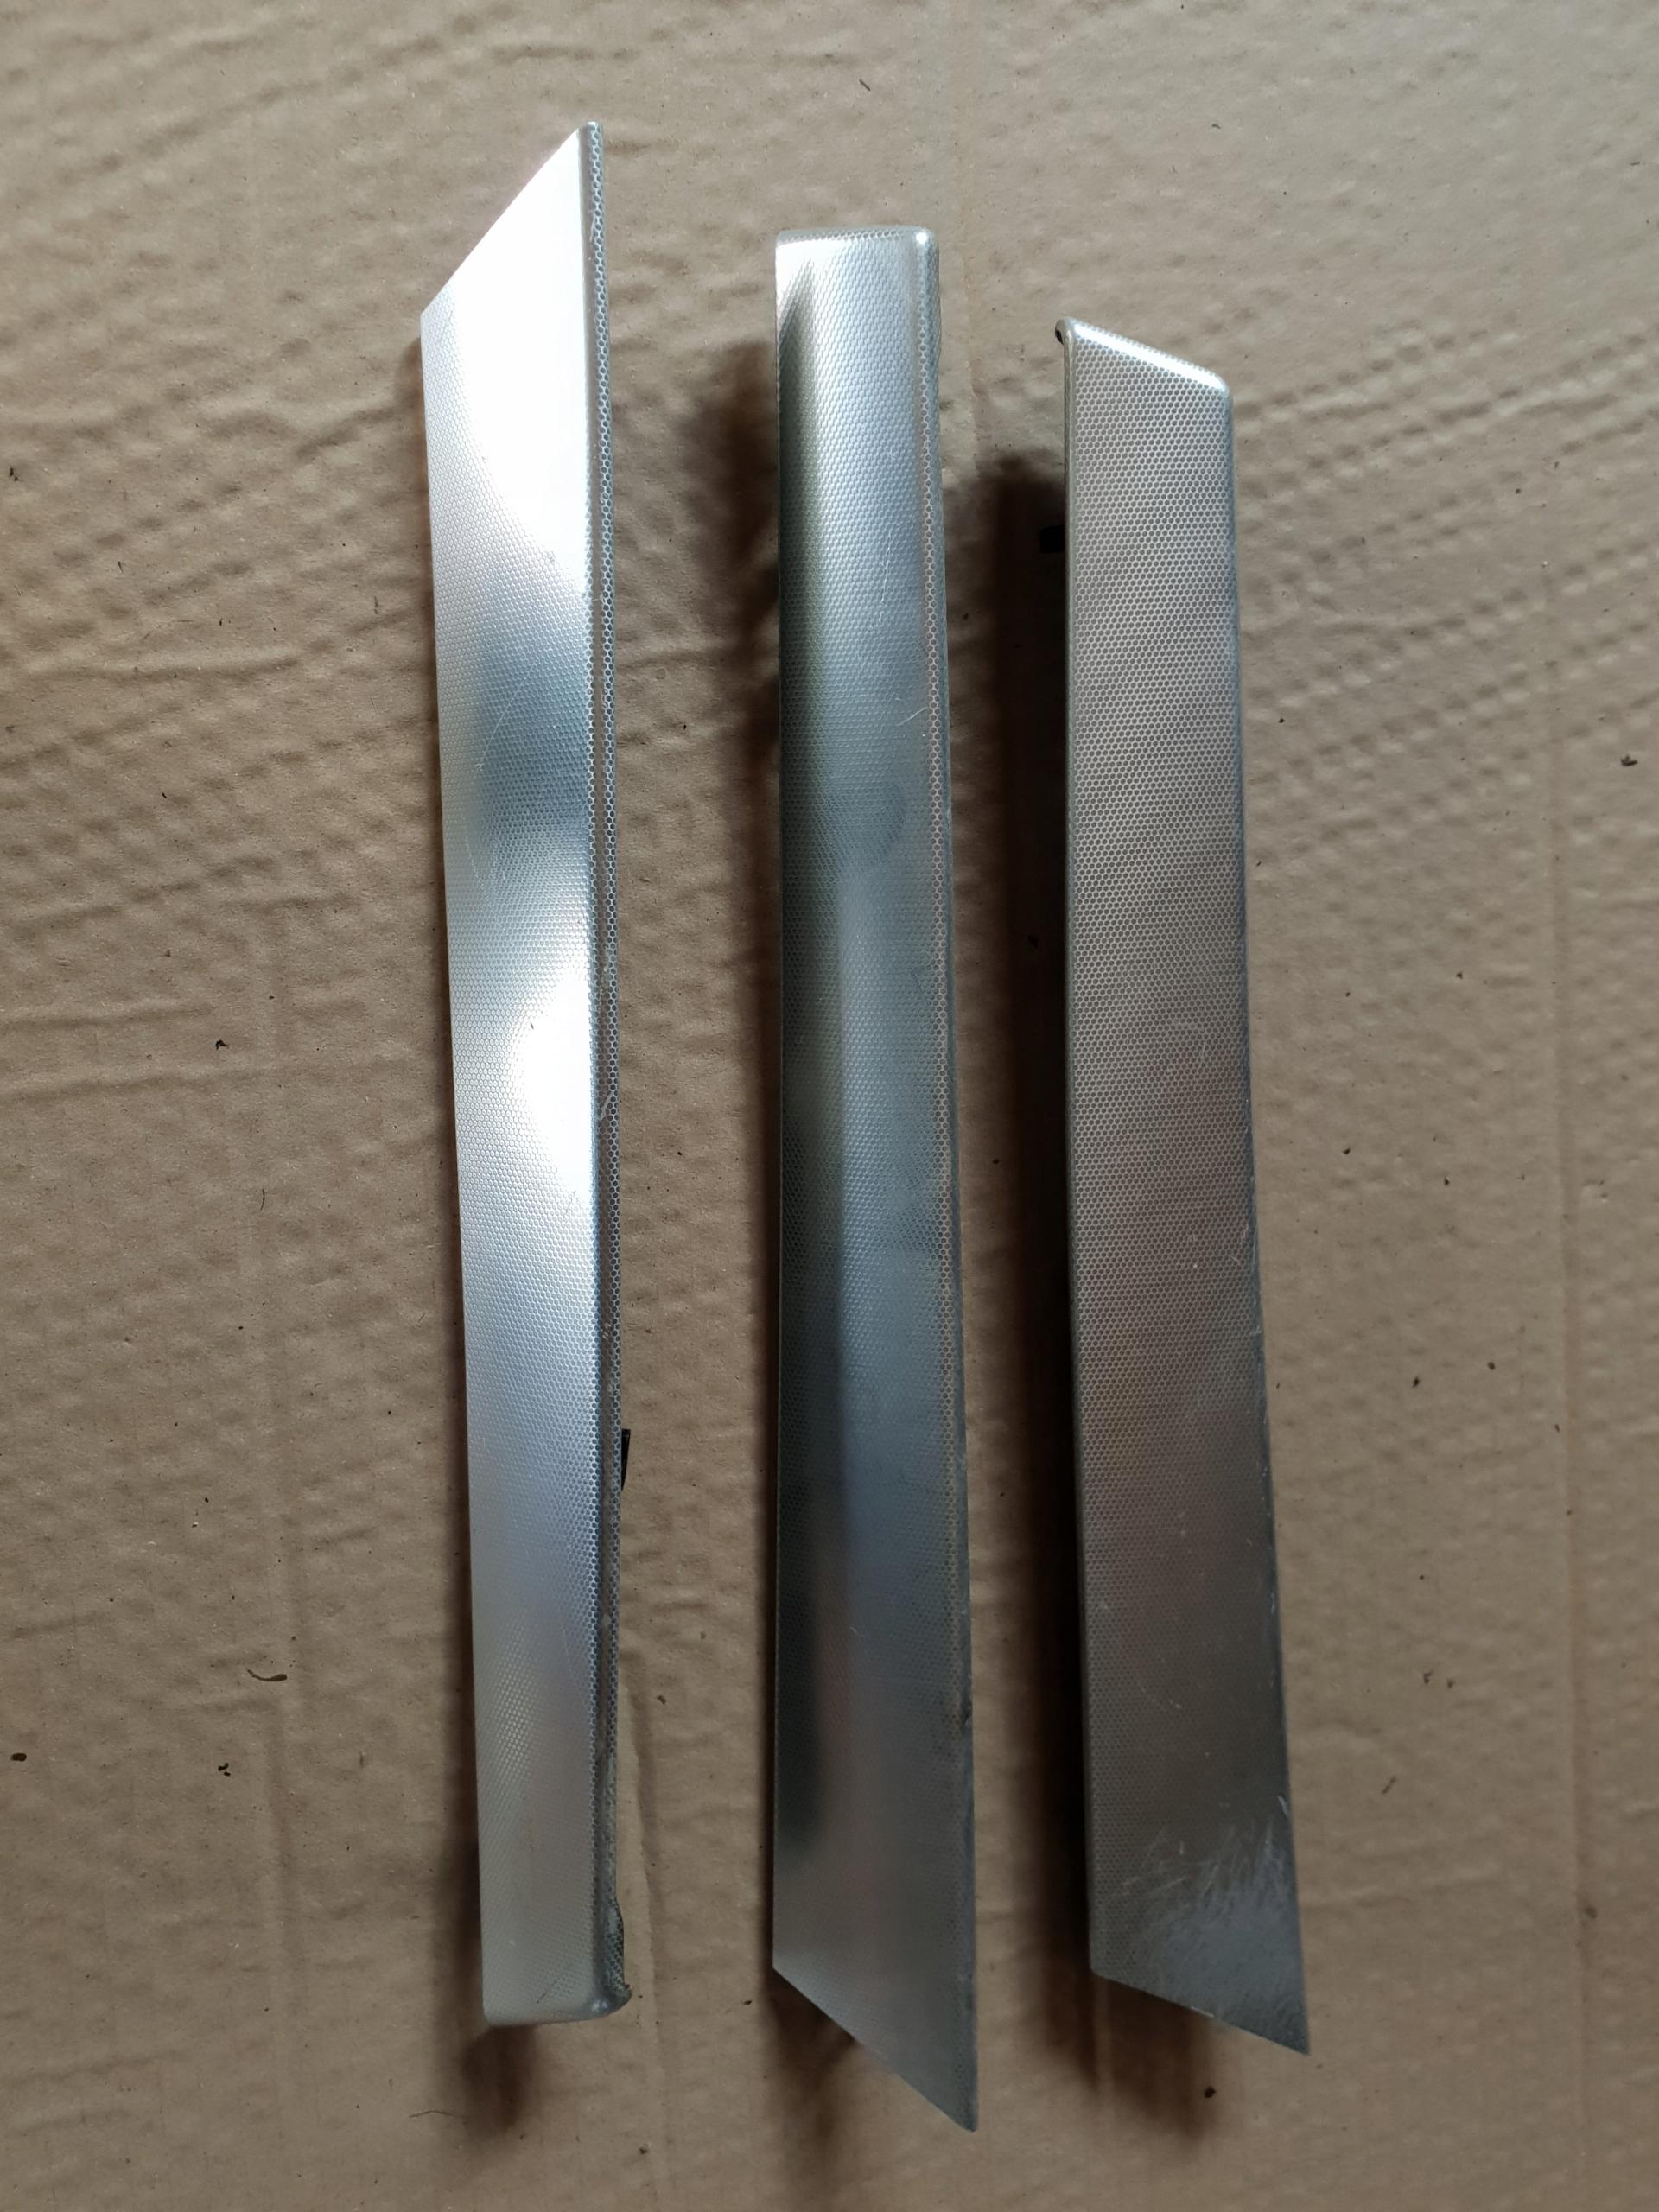 Listwy Ozdobne Wewnętrzne Drzwi Audi A3 8p 7587051936